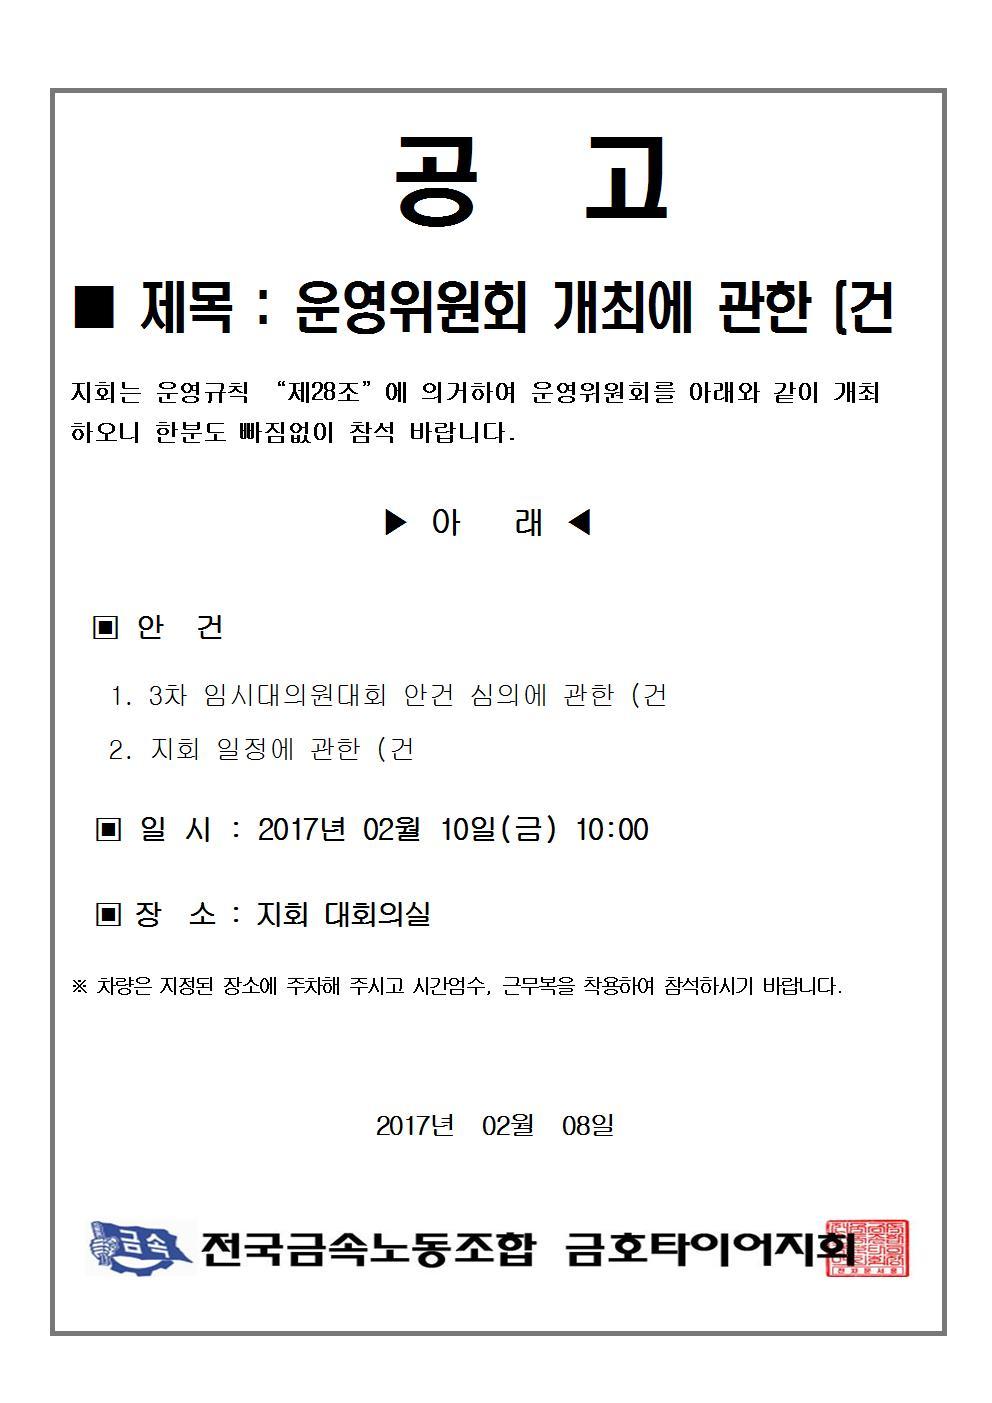 3차운영위개최공고 17.02.08001.jpg